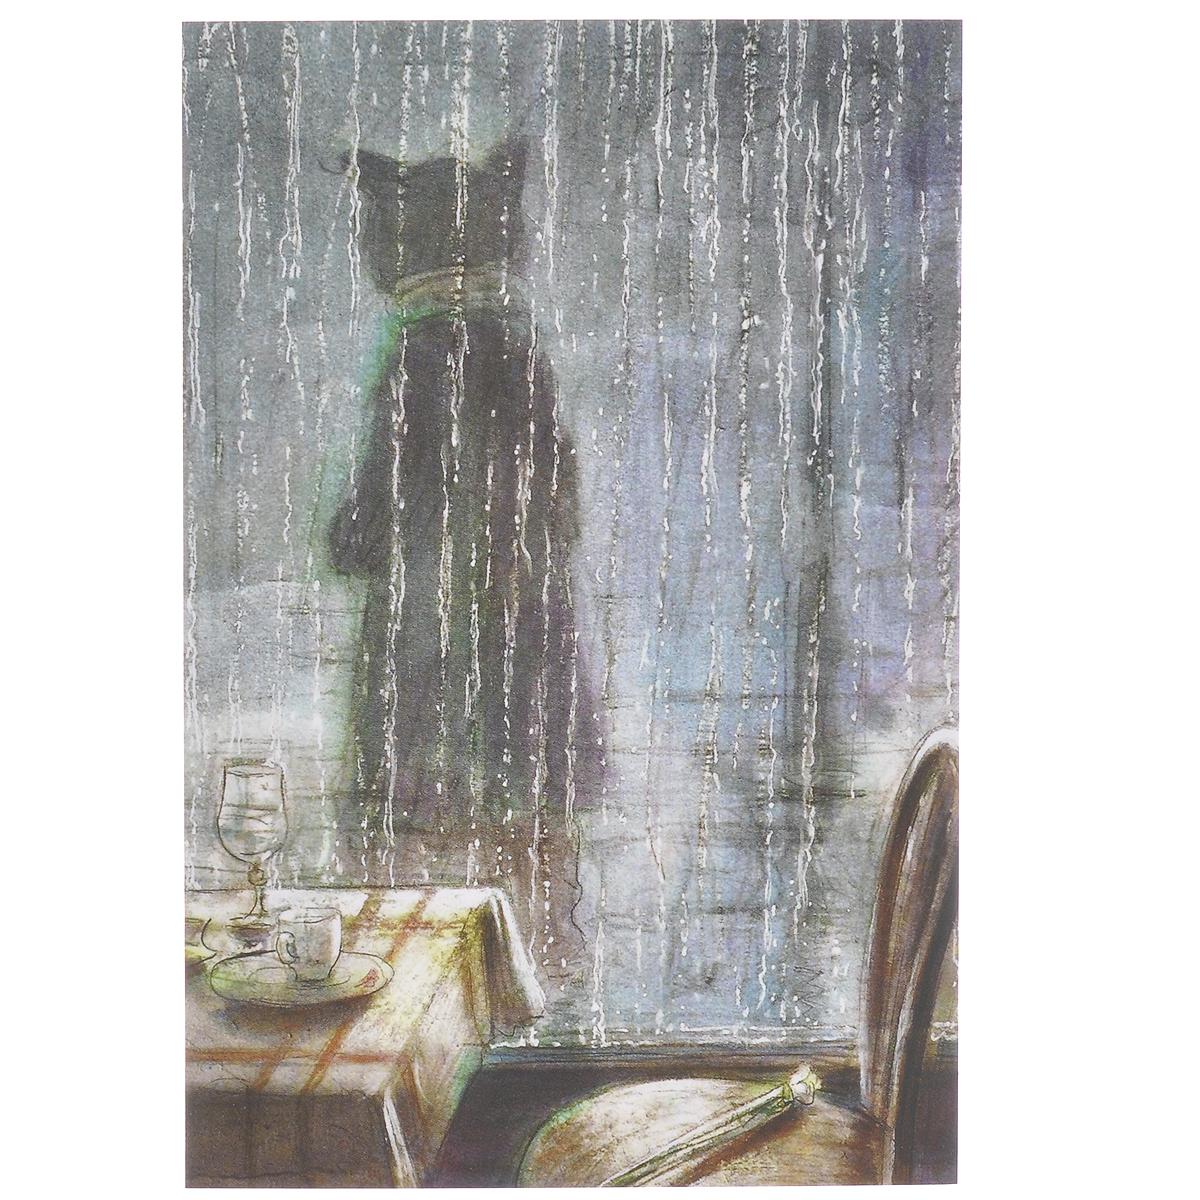 Открытка В дождь. Из набора Парижский Кот-художник. Автор: Андрей АринушкинAA10-009Оригинальная дизайнерская открытка В дождь из набора Парижский Кот-художник выполнена из плотного матового картона. На лицевой стороне расположена репродукция картины художника Андрея Аринушкина. На задней стороне имеется поле для записей.Такая открытка станет великолепным дополнением к подарку или оригинальным почтовым посланием, которое, несомненно, удивит получателя своим дизайном и подарит приятные воспоминания.